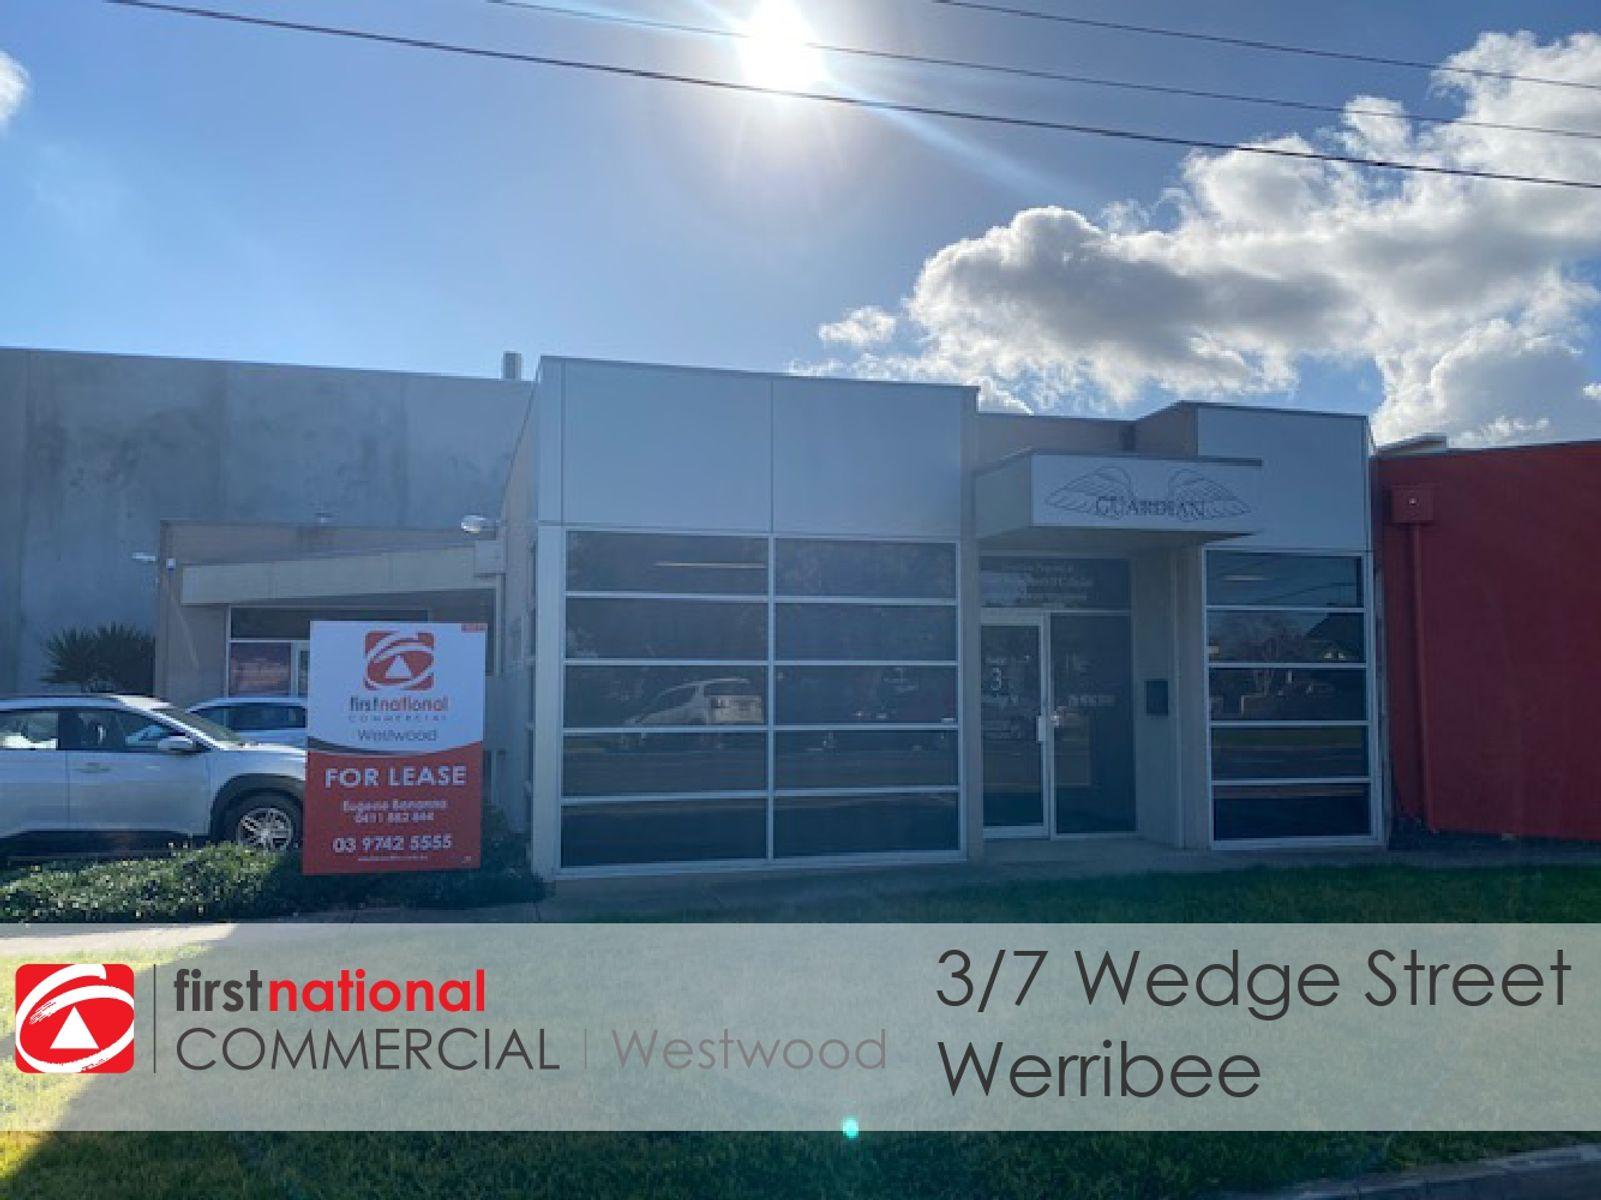 3/7 Wedge Street South, Werribee, VIC 3030